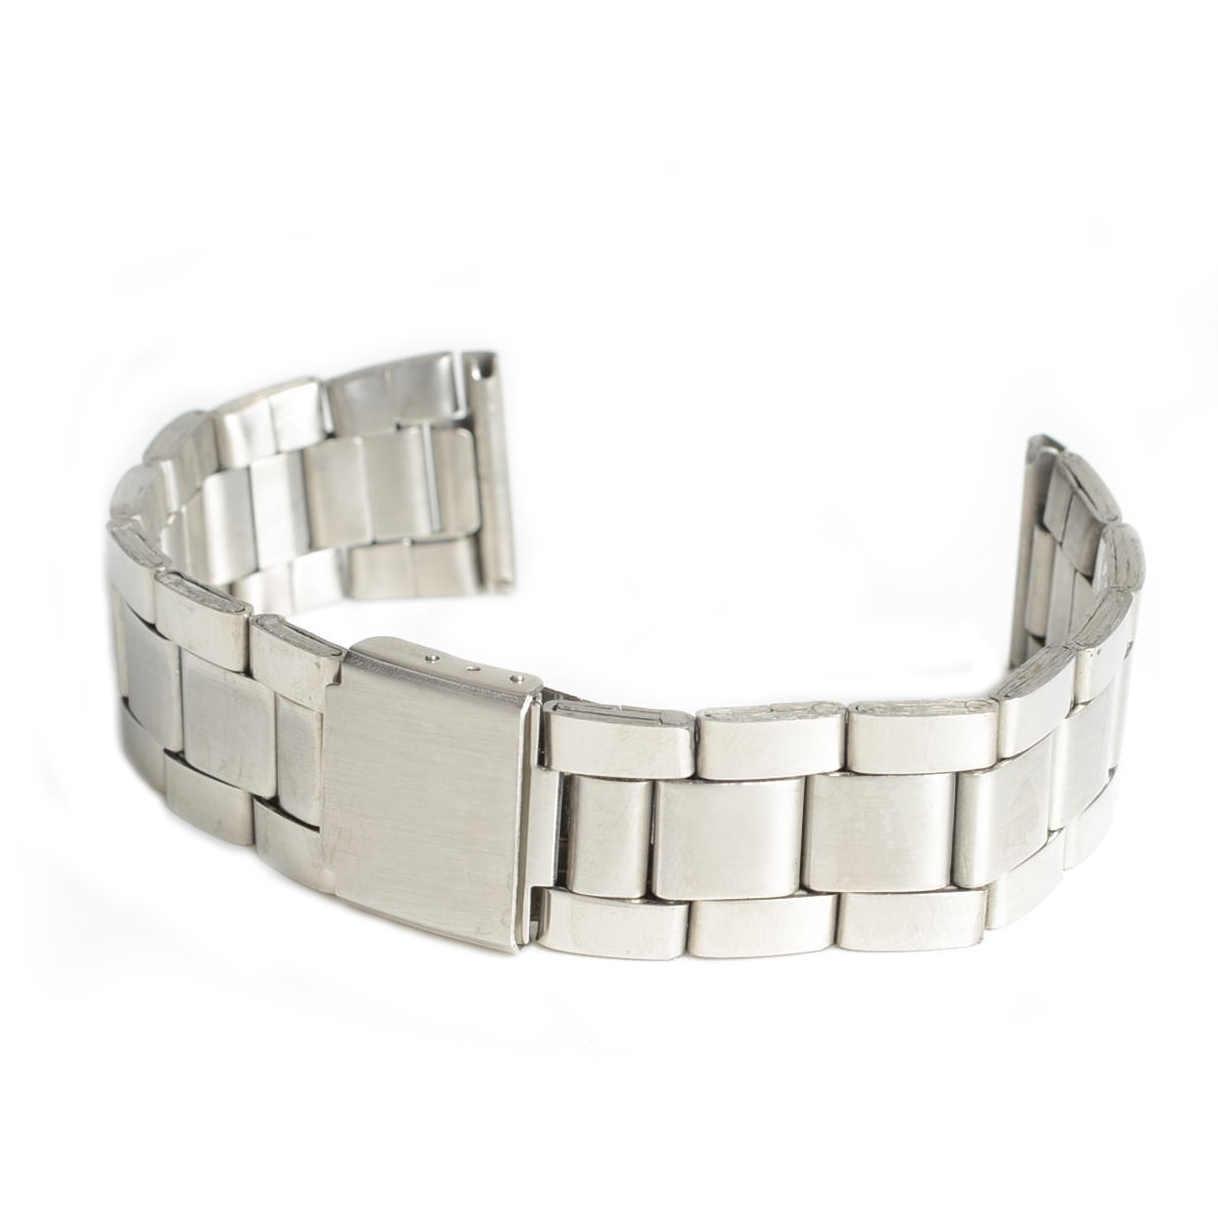 New Hotsale Men Women Silver Stainless Steel Watch Band Strap Bracelet Dress Watchbands 24mm